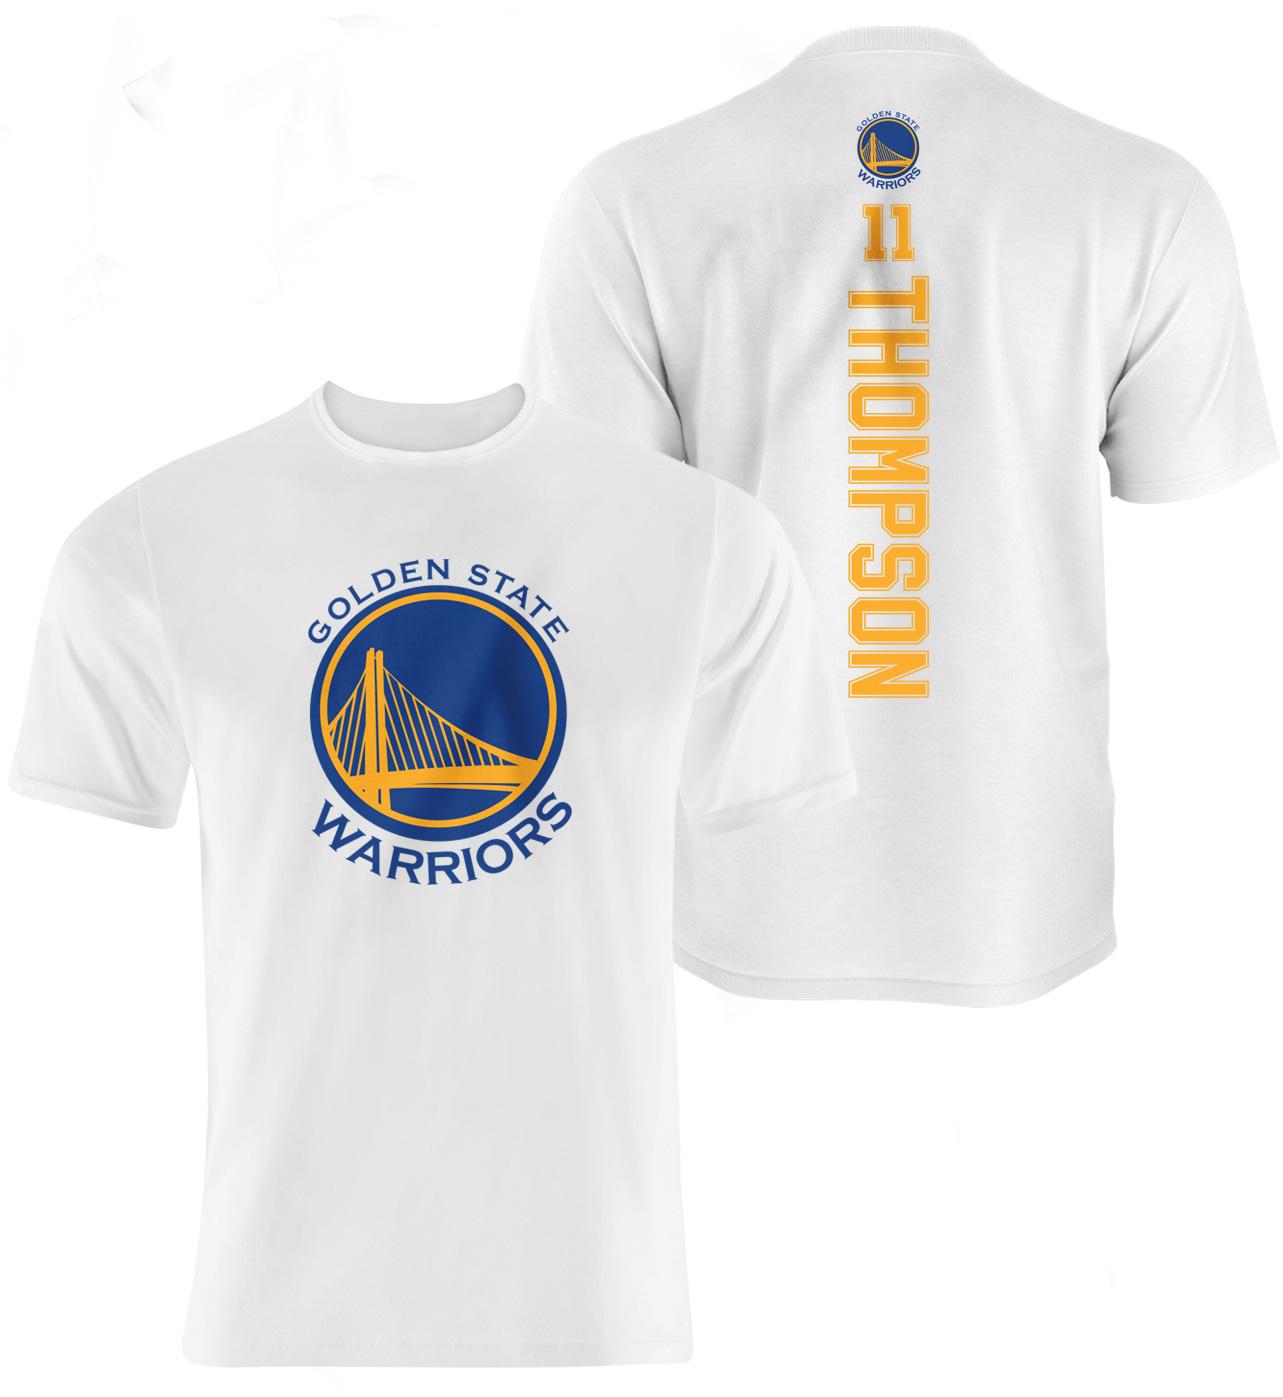 Klay Thompson Vertical Tshirt (TSH-WHT-NP-96-PLYR-GSW-THOMPSON.VER)